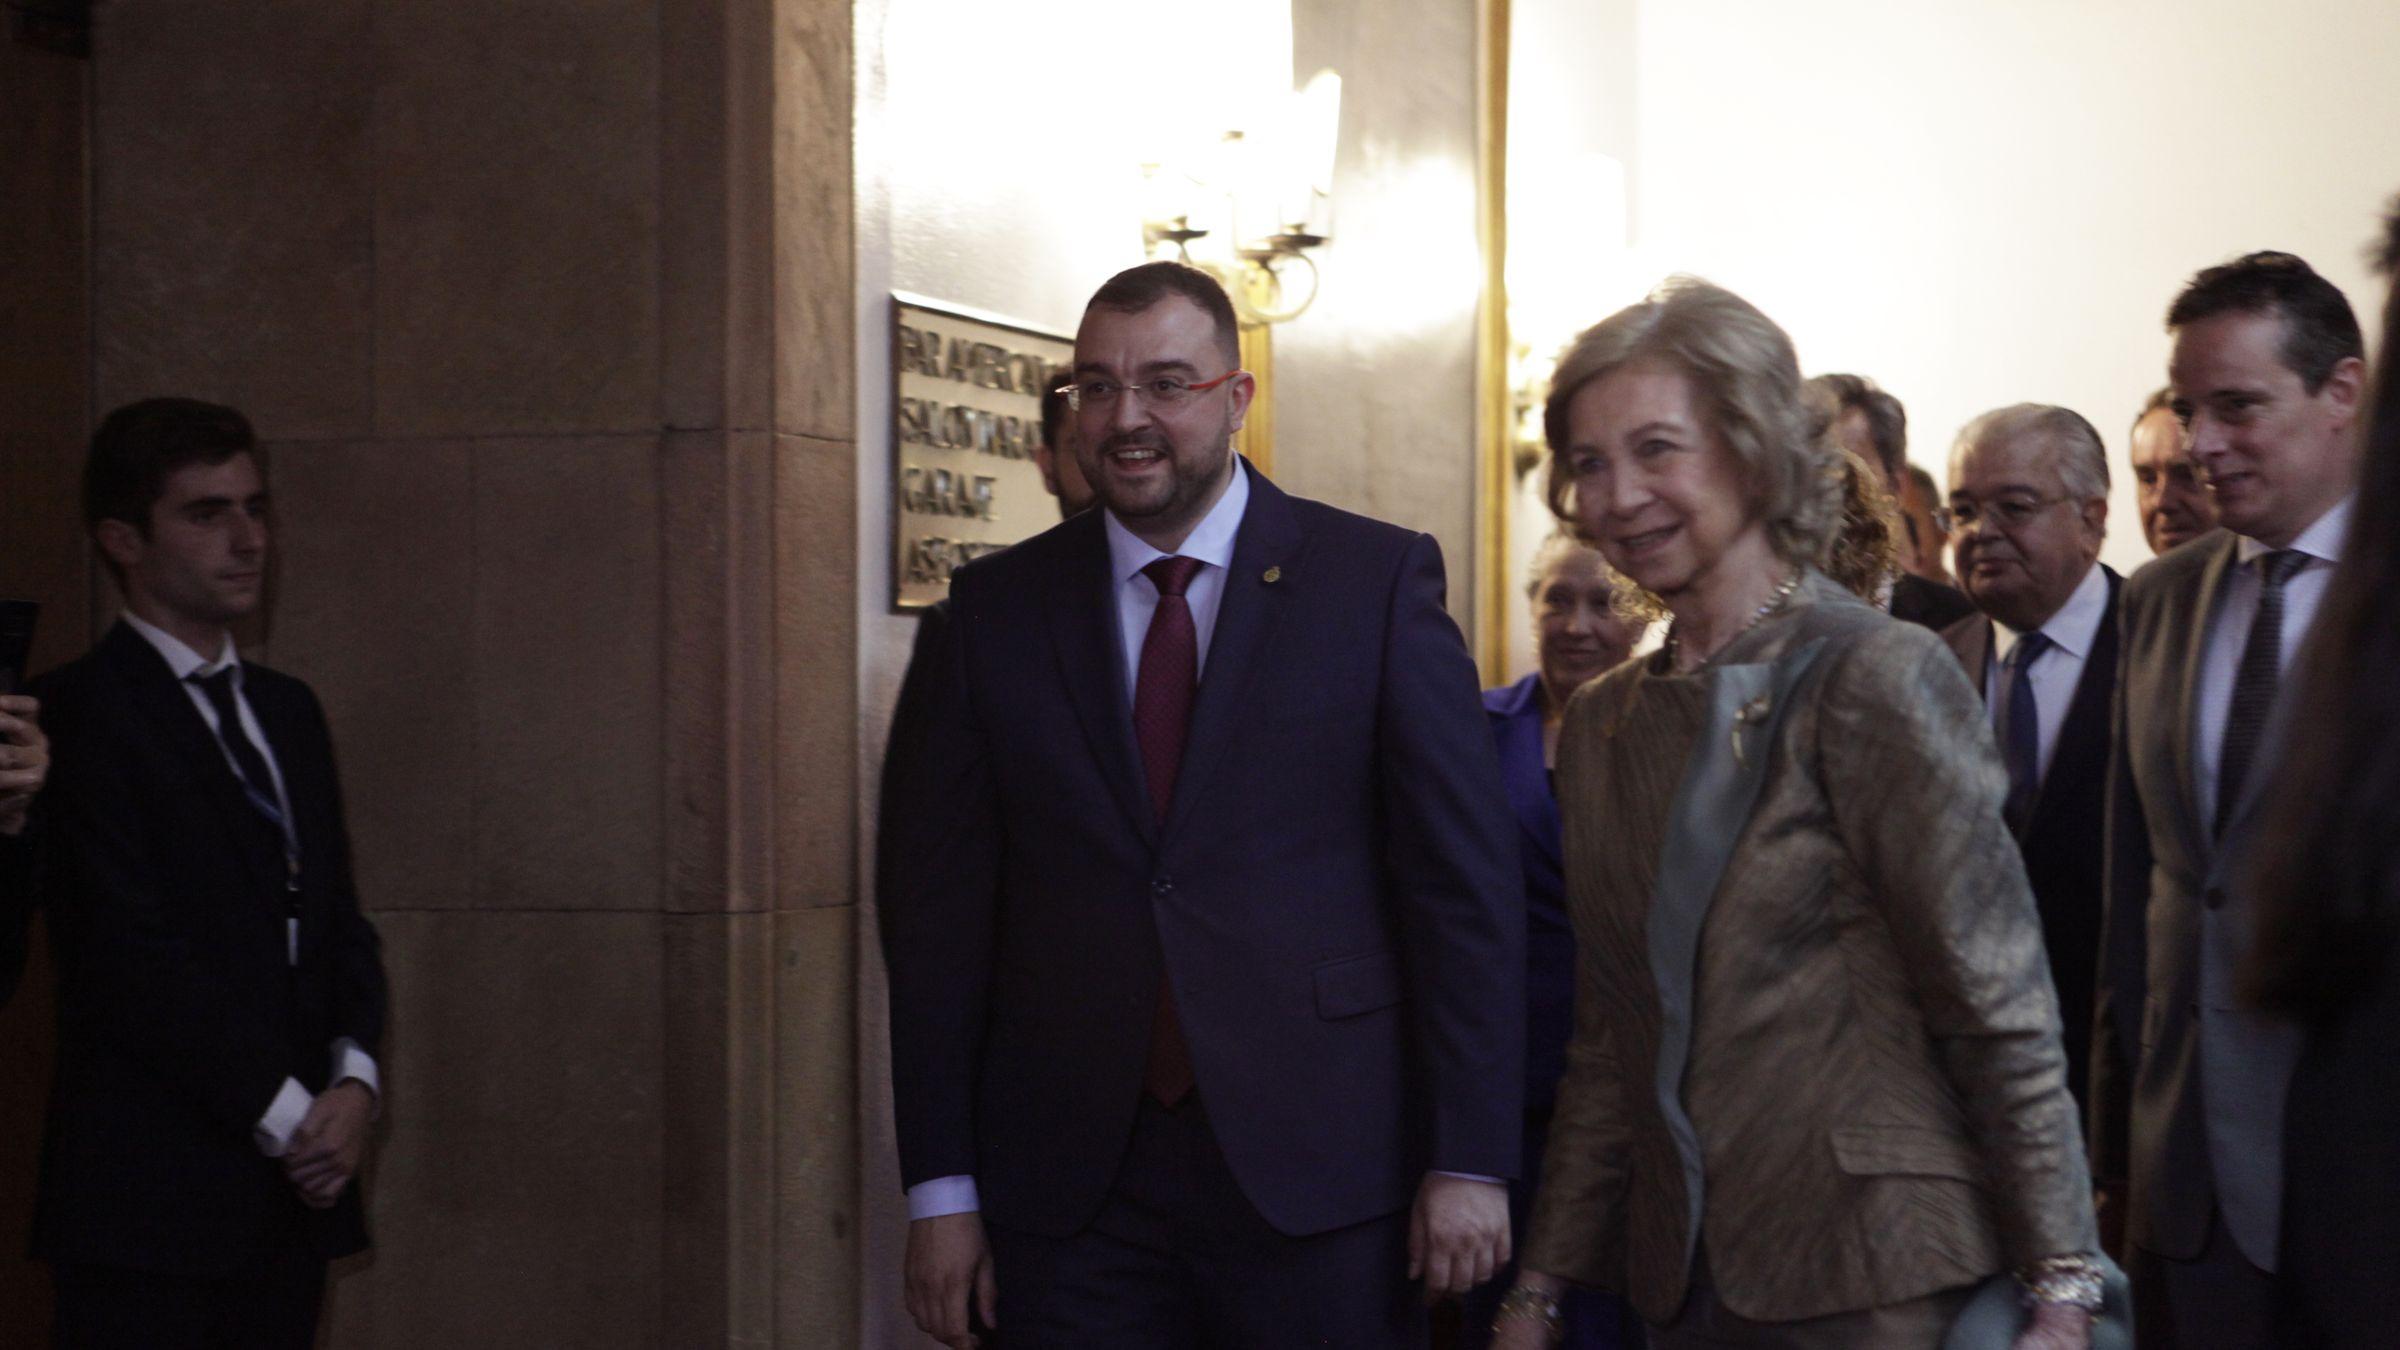 Los reyes, con los galardonados.Adrián Barbón y la reina Sofía en el hall del Reconquista durante los Premios Princesa de 2019